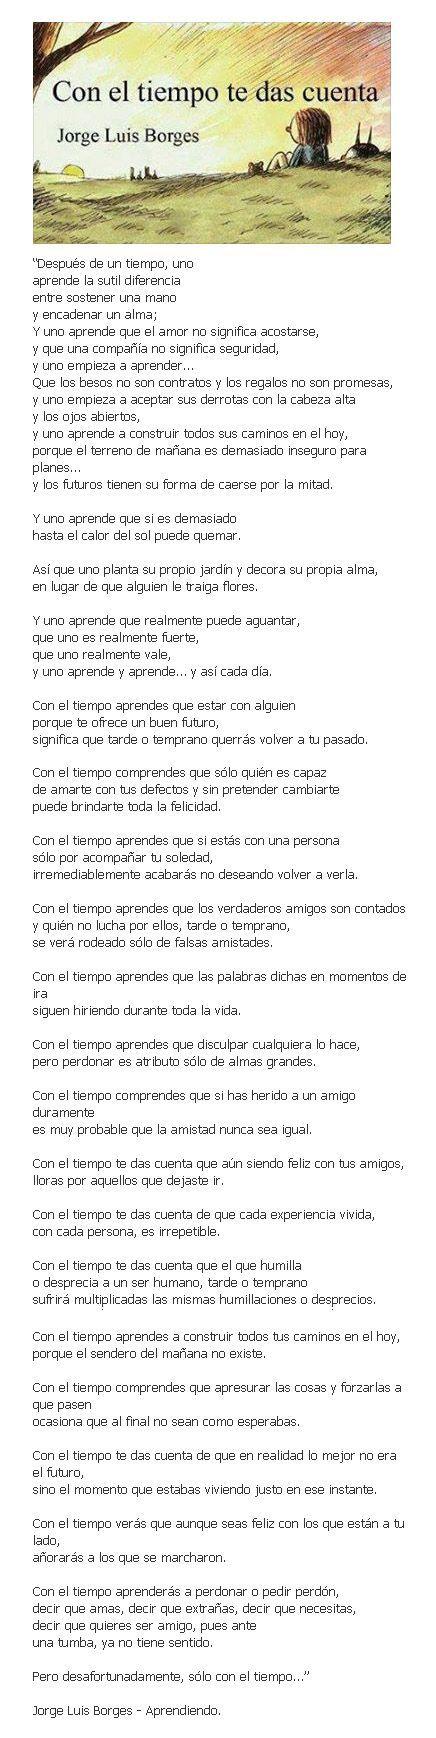 Jorge Luis Borges... y uno aprende...